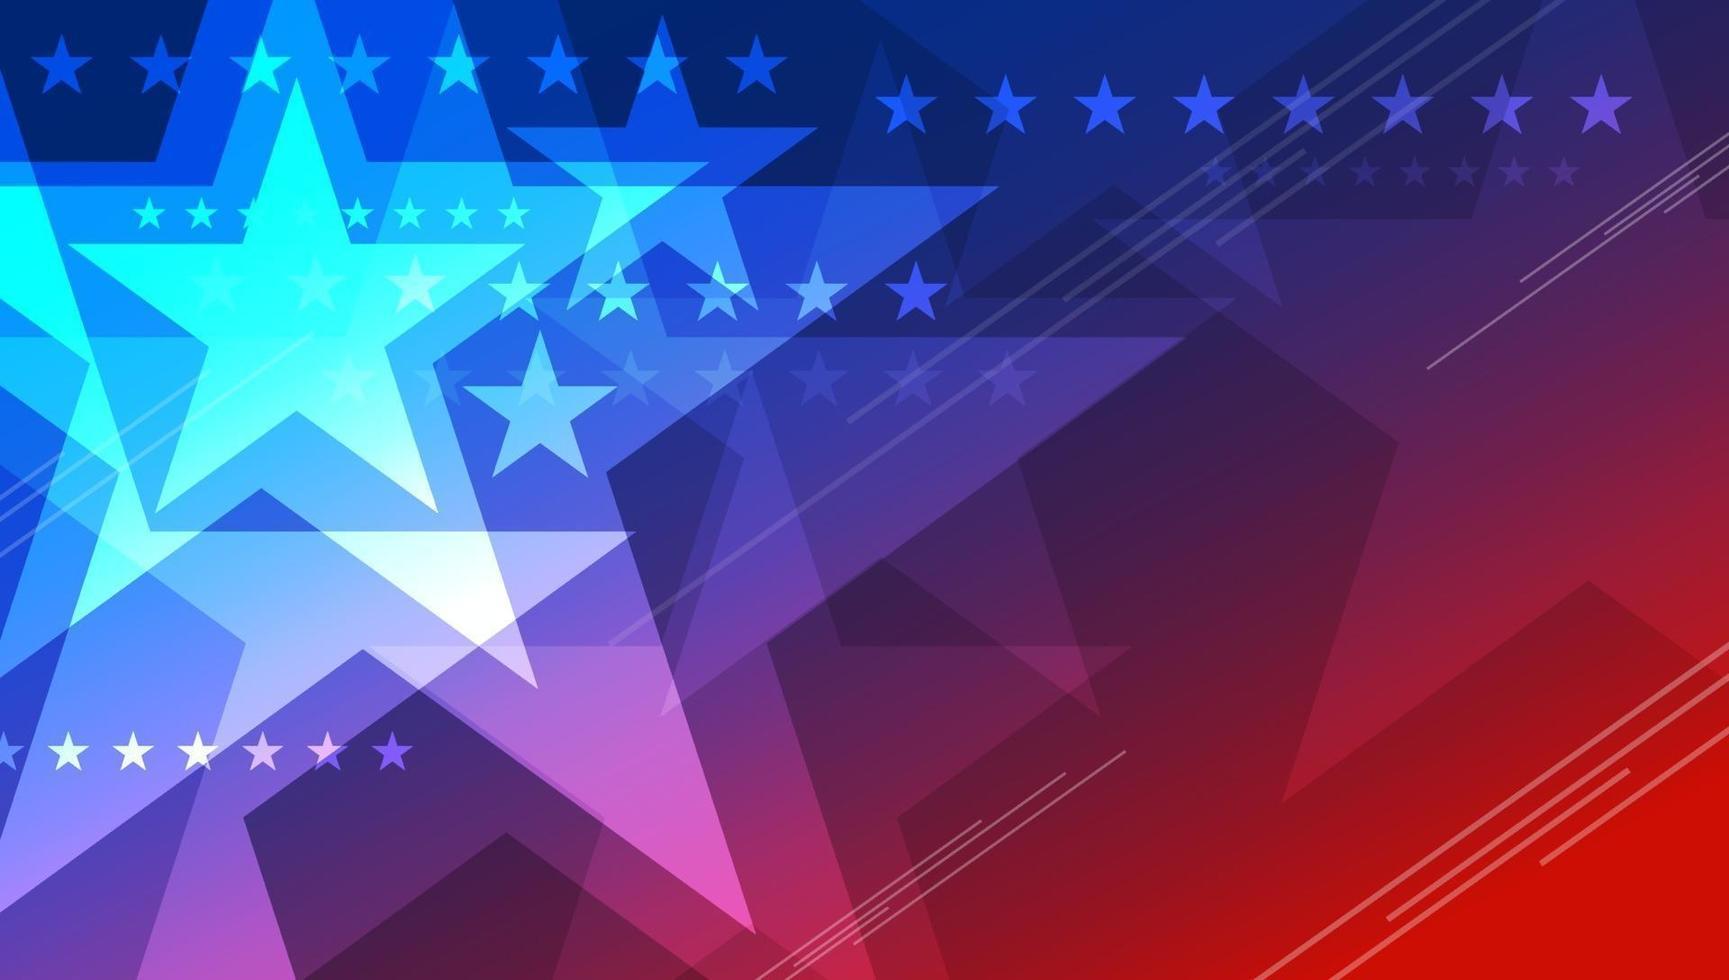 abstrakte USA Hintergrund Design des Sterns für 4. Juli Unabhängigkeitstag Vektor-Illustration vektor